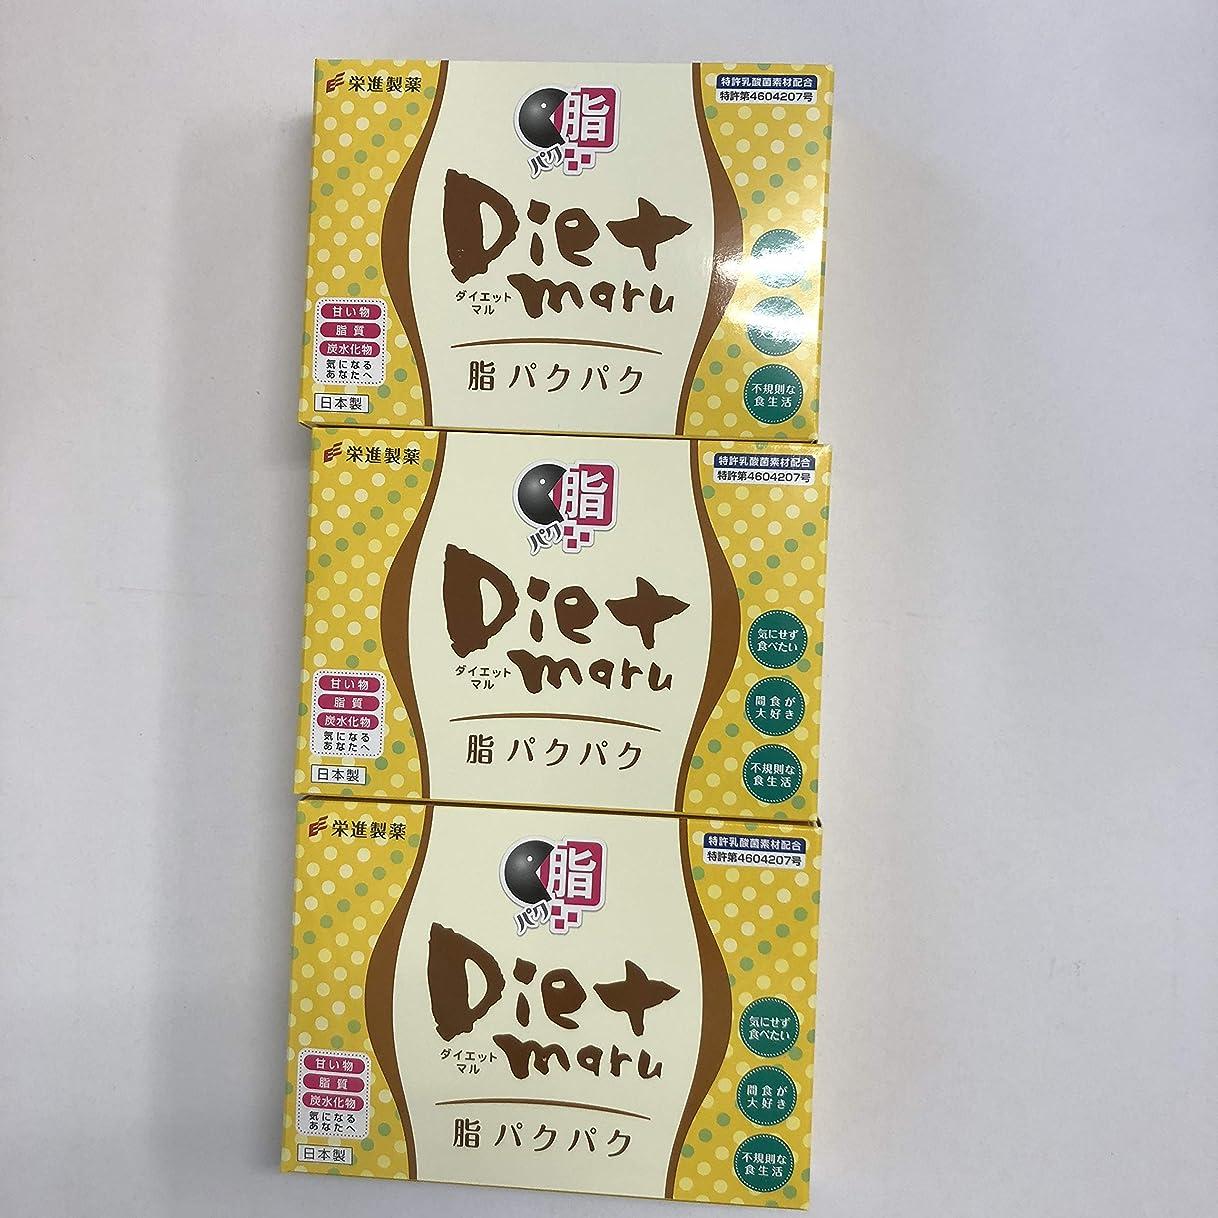 アンソロジー警告月曜Diet maruダイエットマル 脂パクパク 吸脂丸 お得3個セット吃油丸